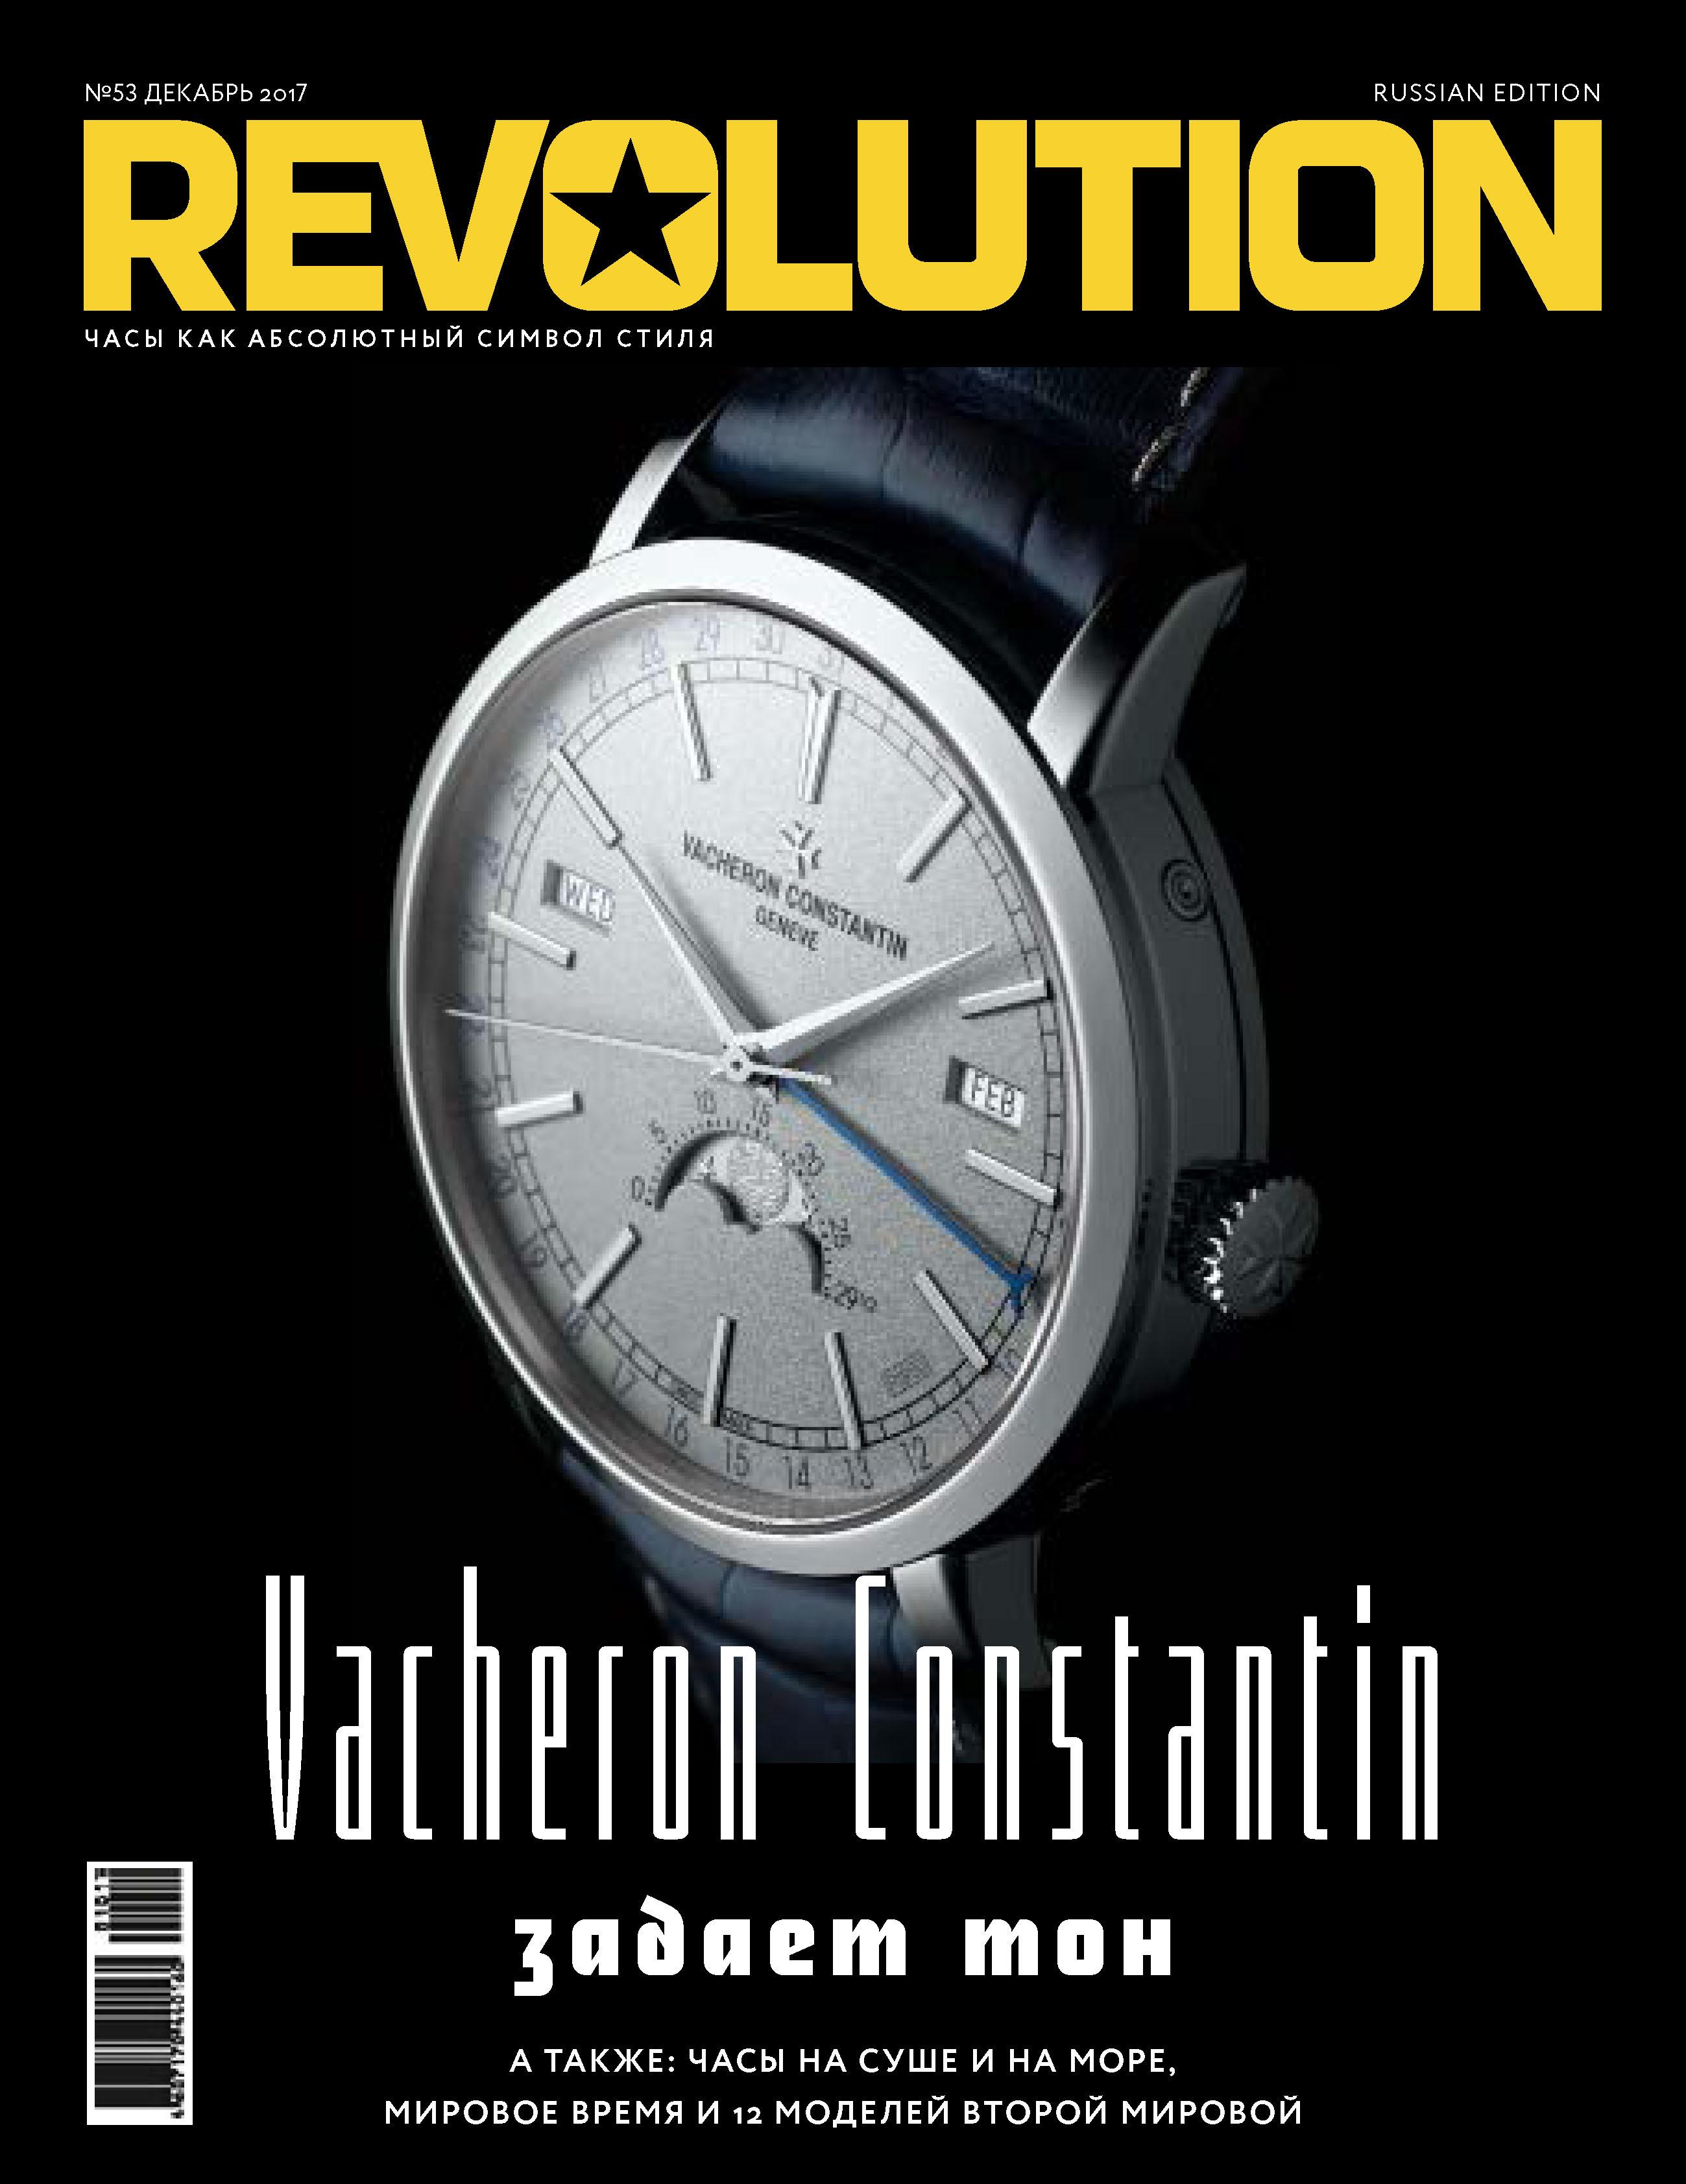 Отсутствует Журнал Revolution №53,декабрь 2017 отсутствует журнал revolution 53 декабрь 2017